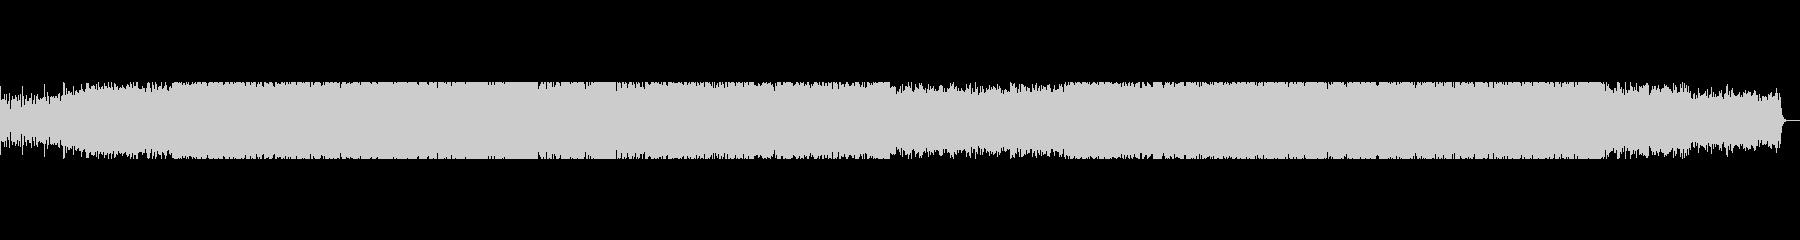 シンセ・和楽器の童謡的なメロディのハウスの未再生の波形